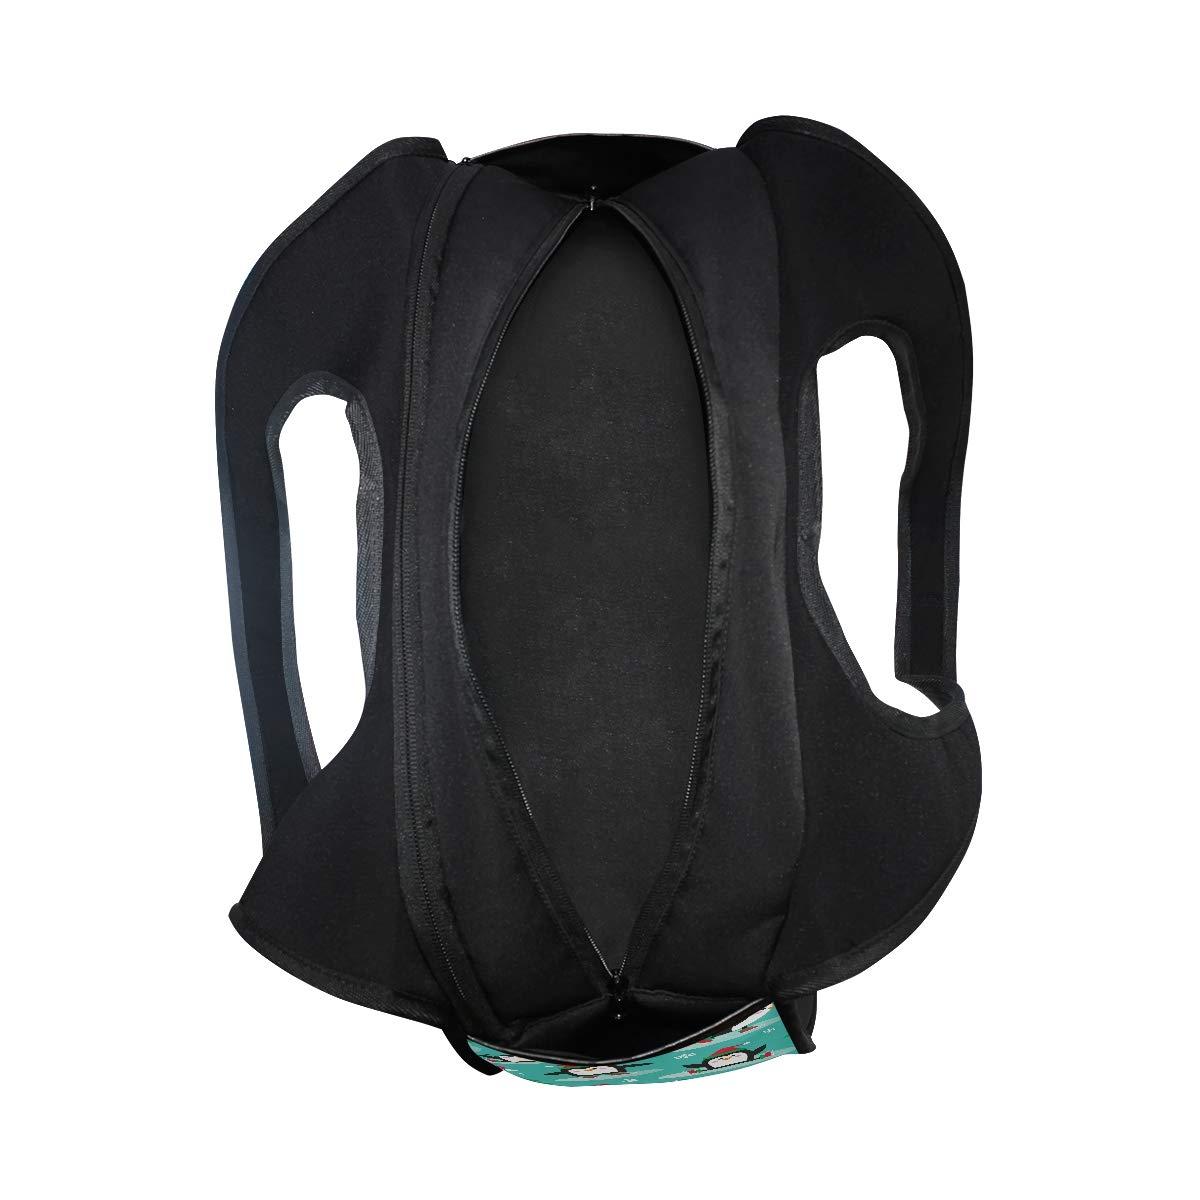 Gym Bag Sports Holdall Penguins On Skates Canvas Shoulder Bag Overnight Travel Bag for Men and Women